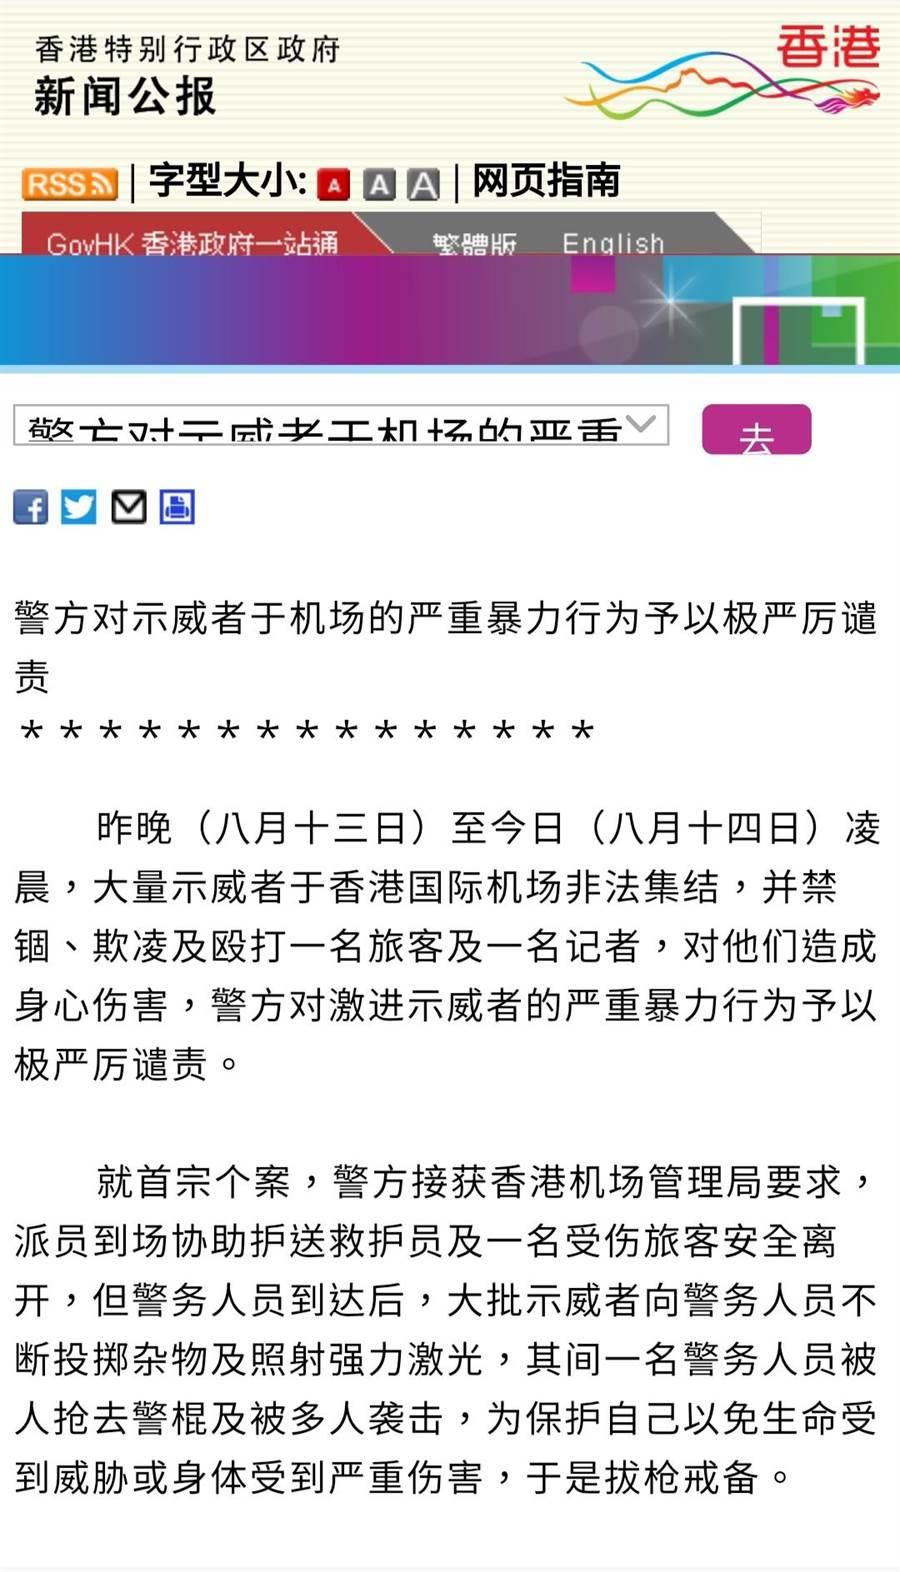 香港警方新聞稿。(網路截圖)